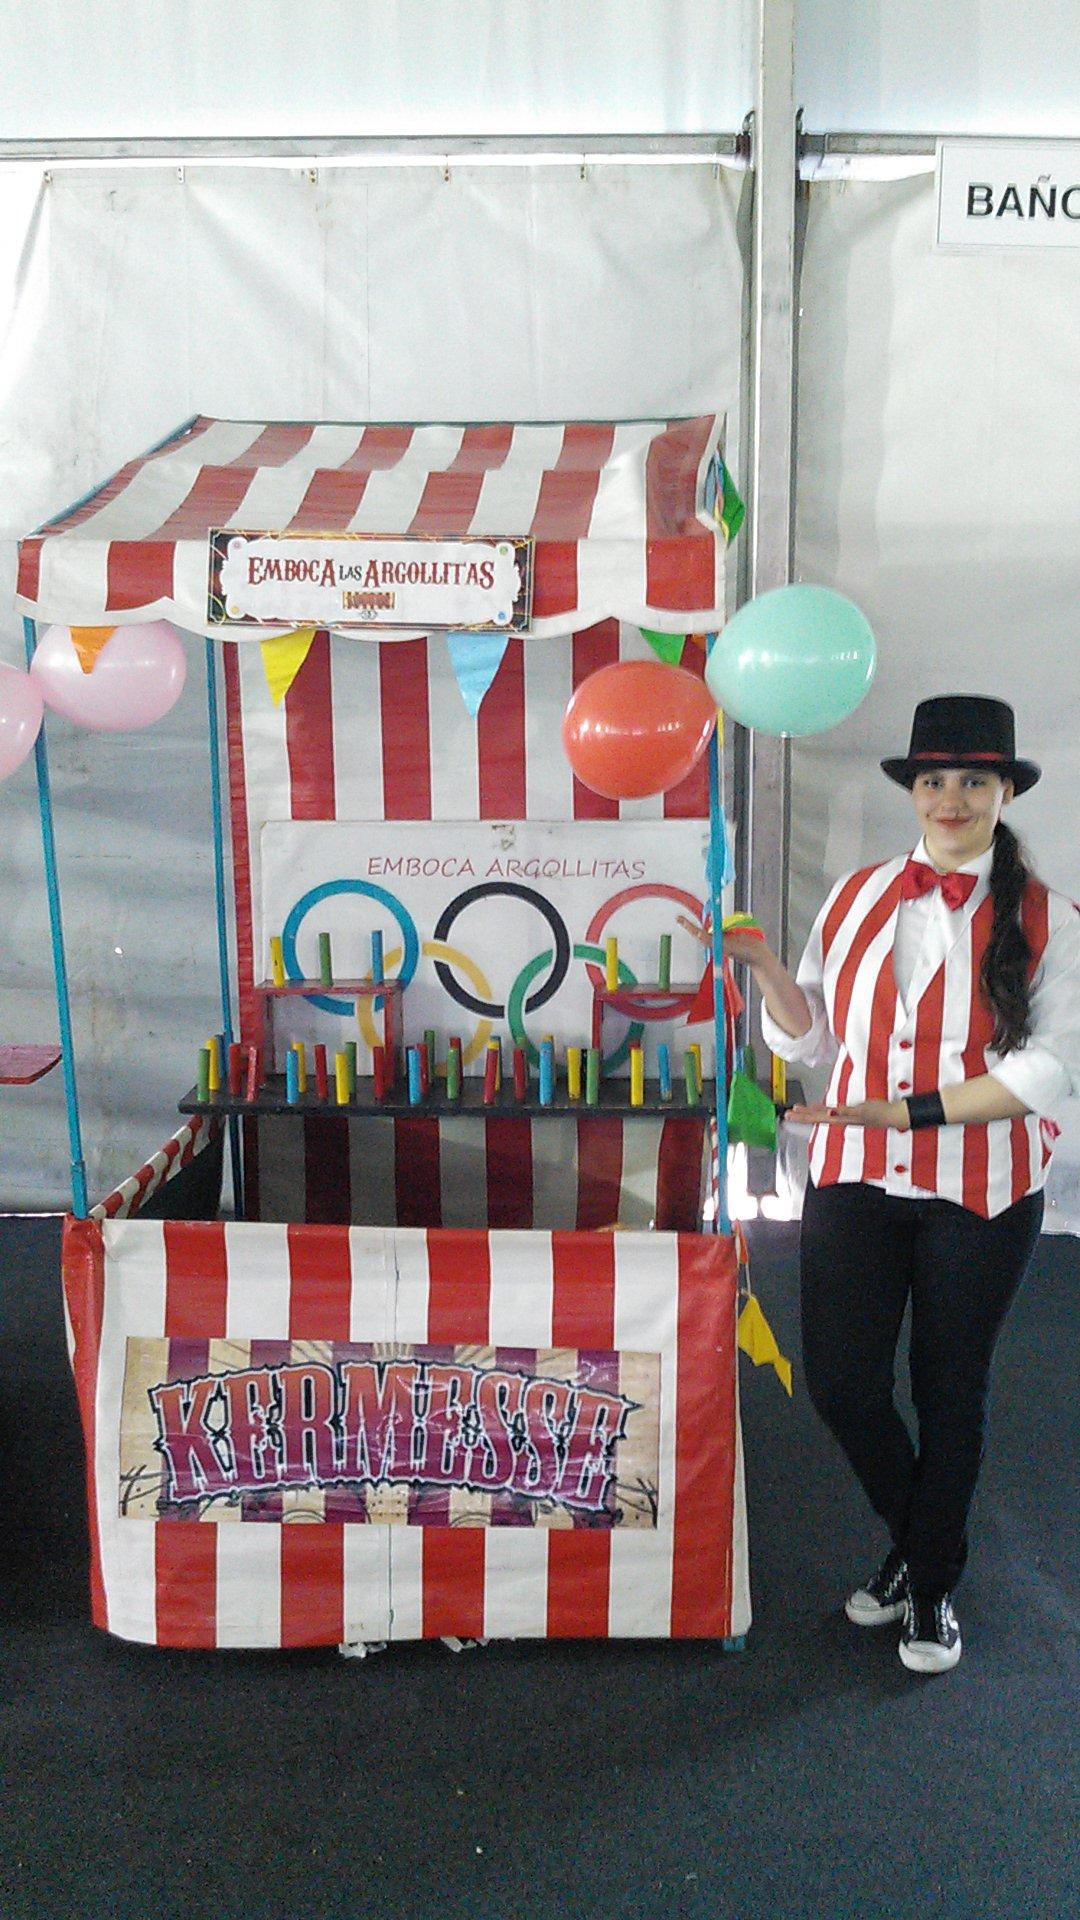 Juegos De Kermesse Kermesse Time Puestos Y Juegos De Kermesse